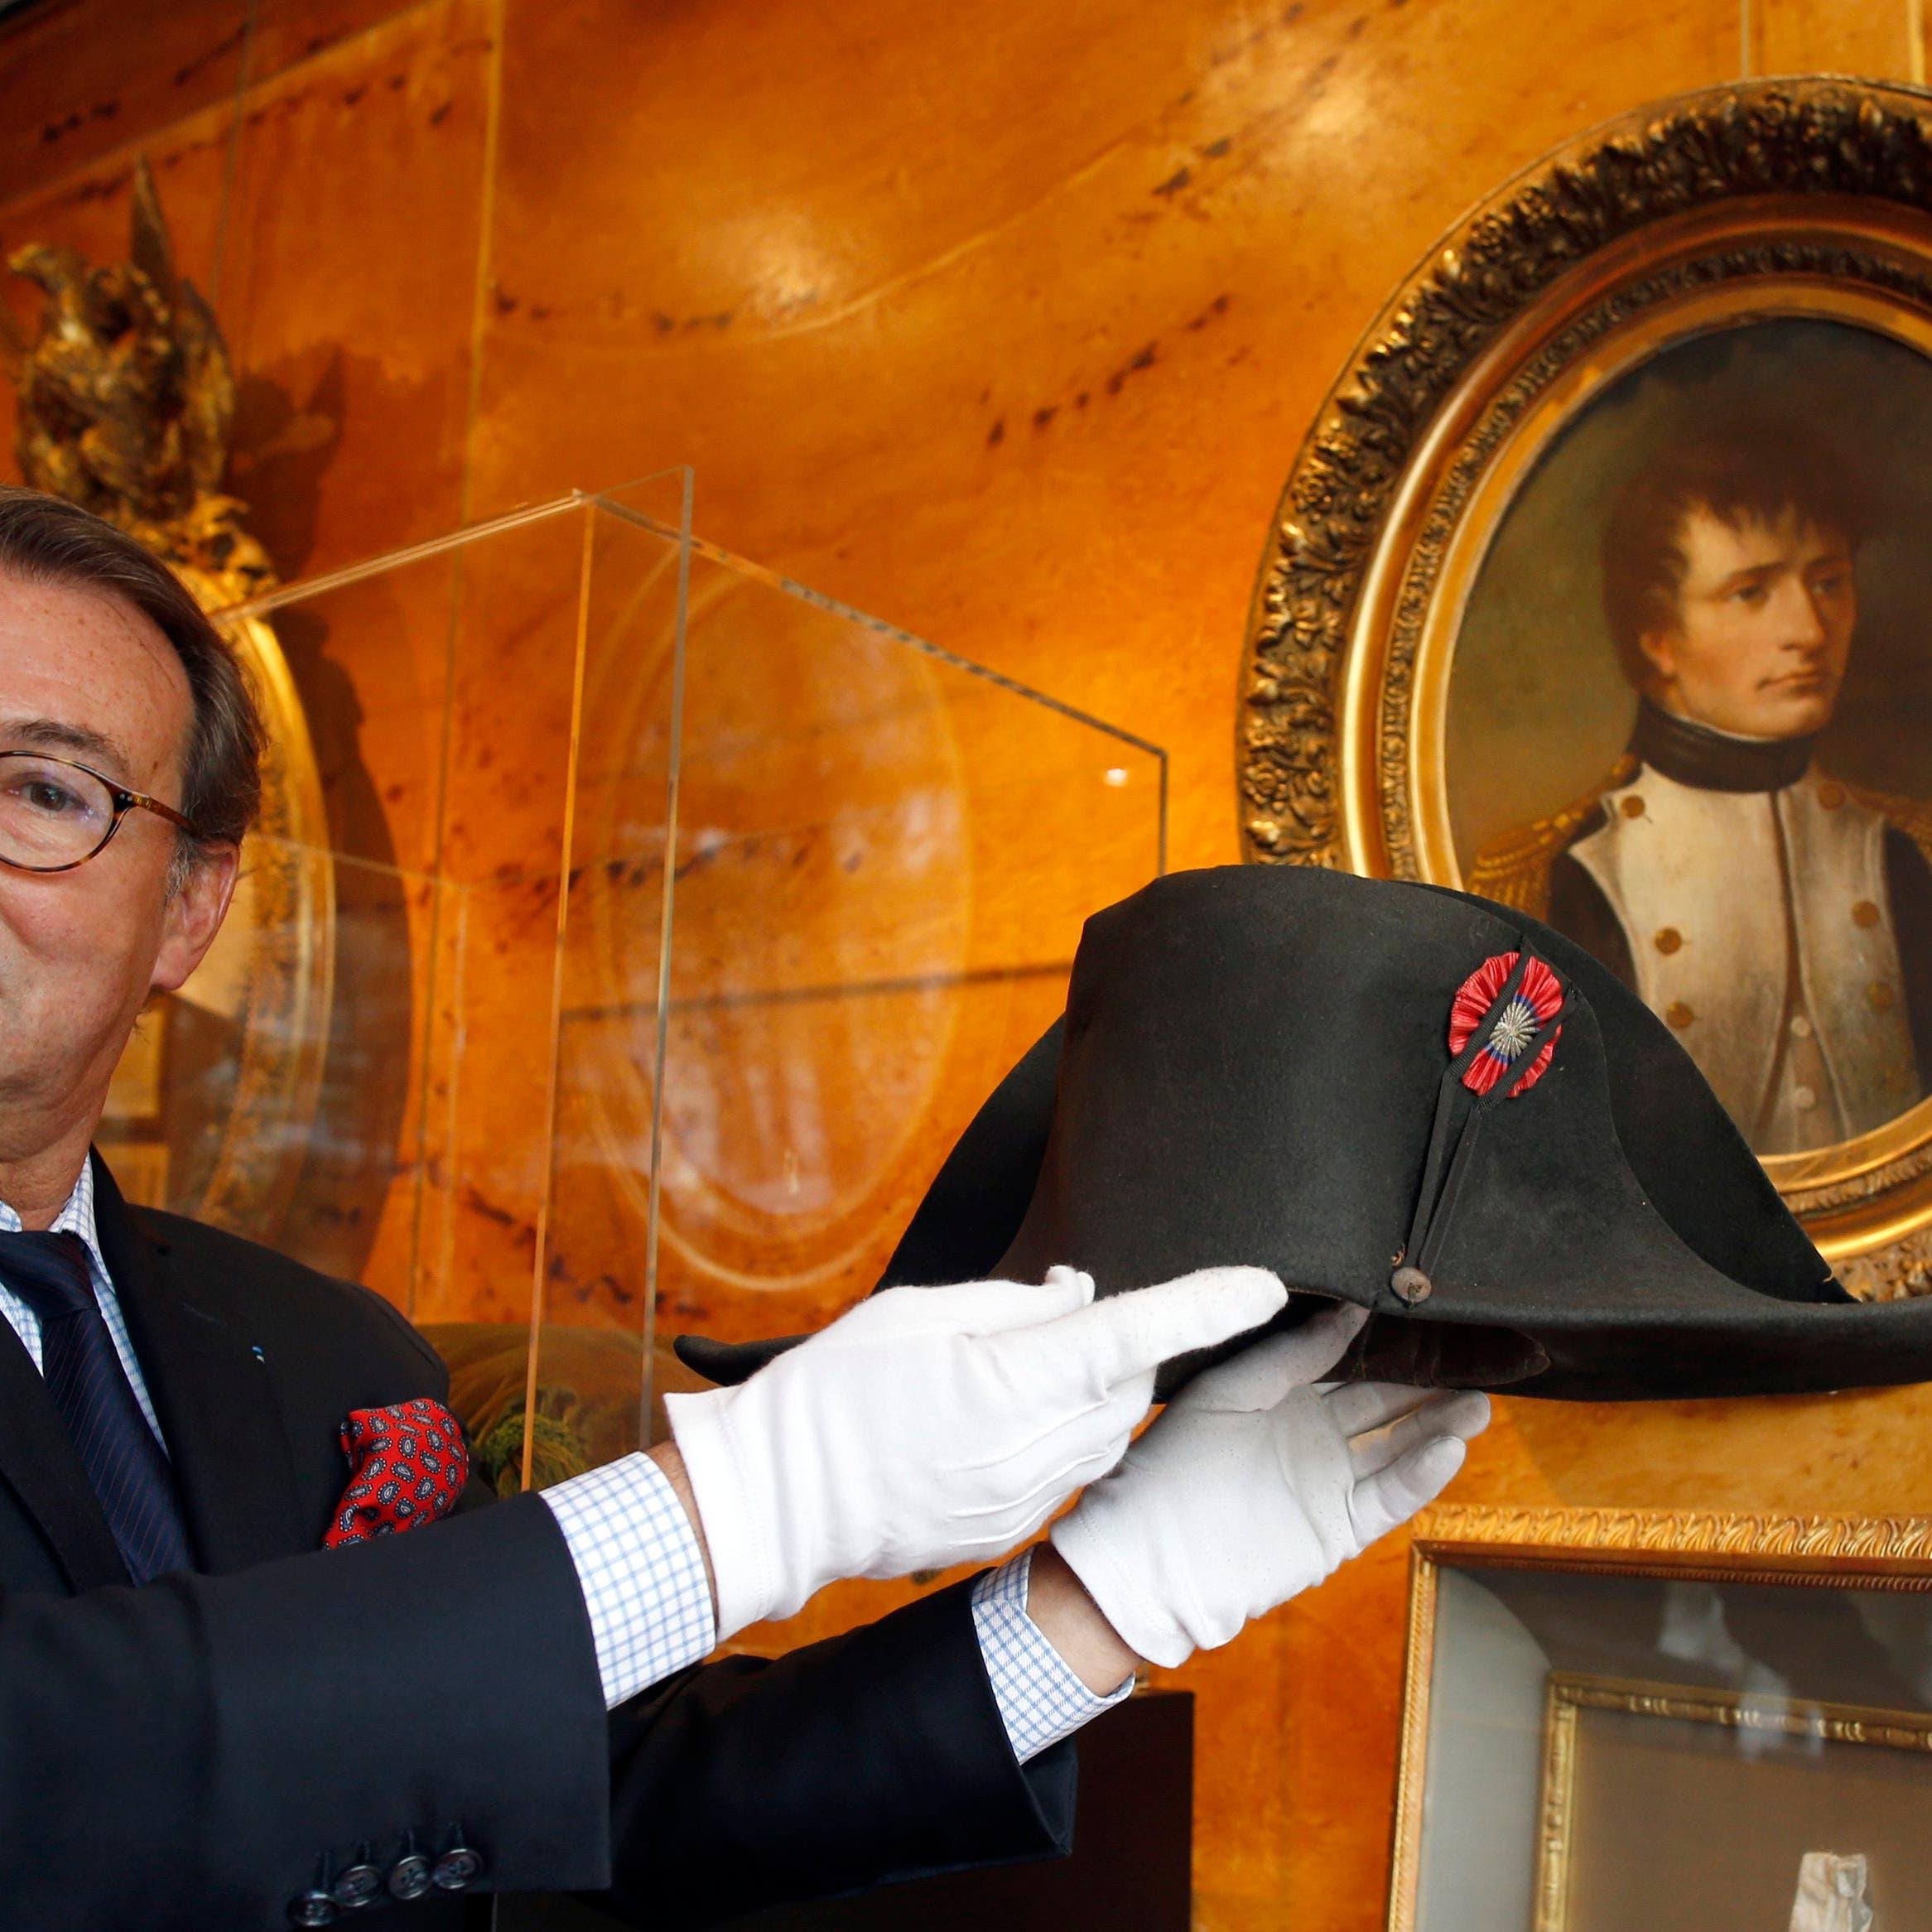 بيع قبعة لنابوليون بونابرت بأكثر من مليوني دولار